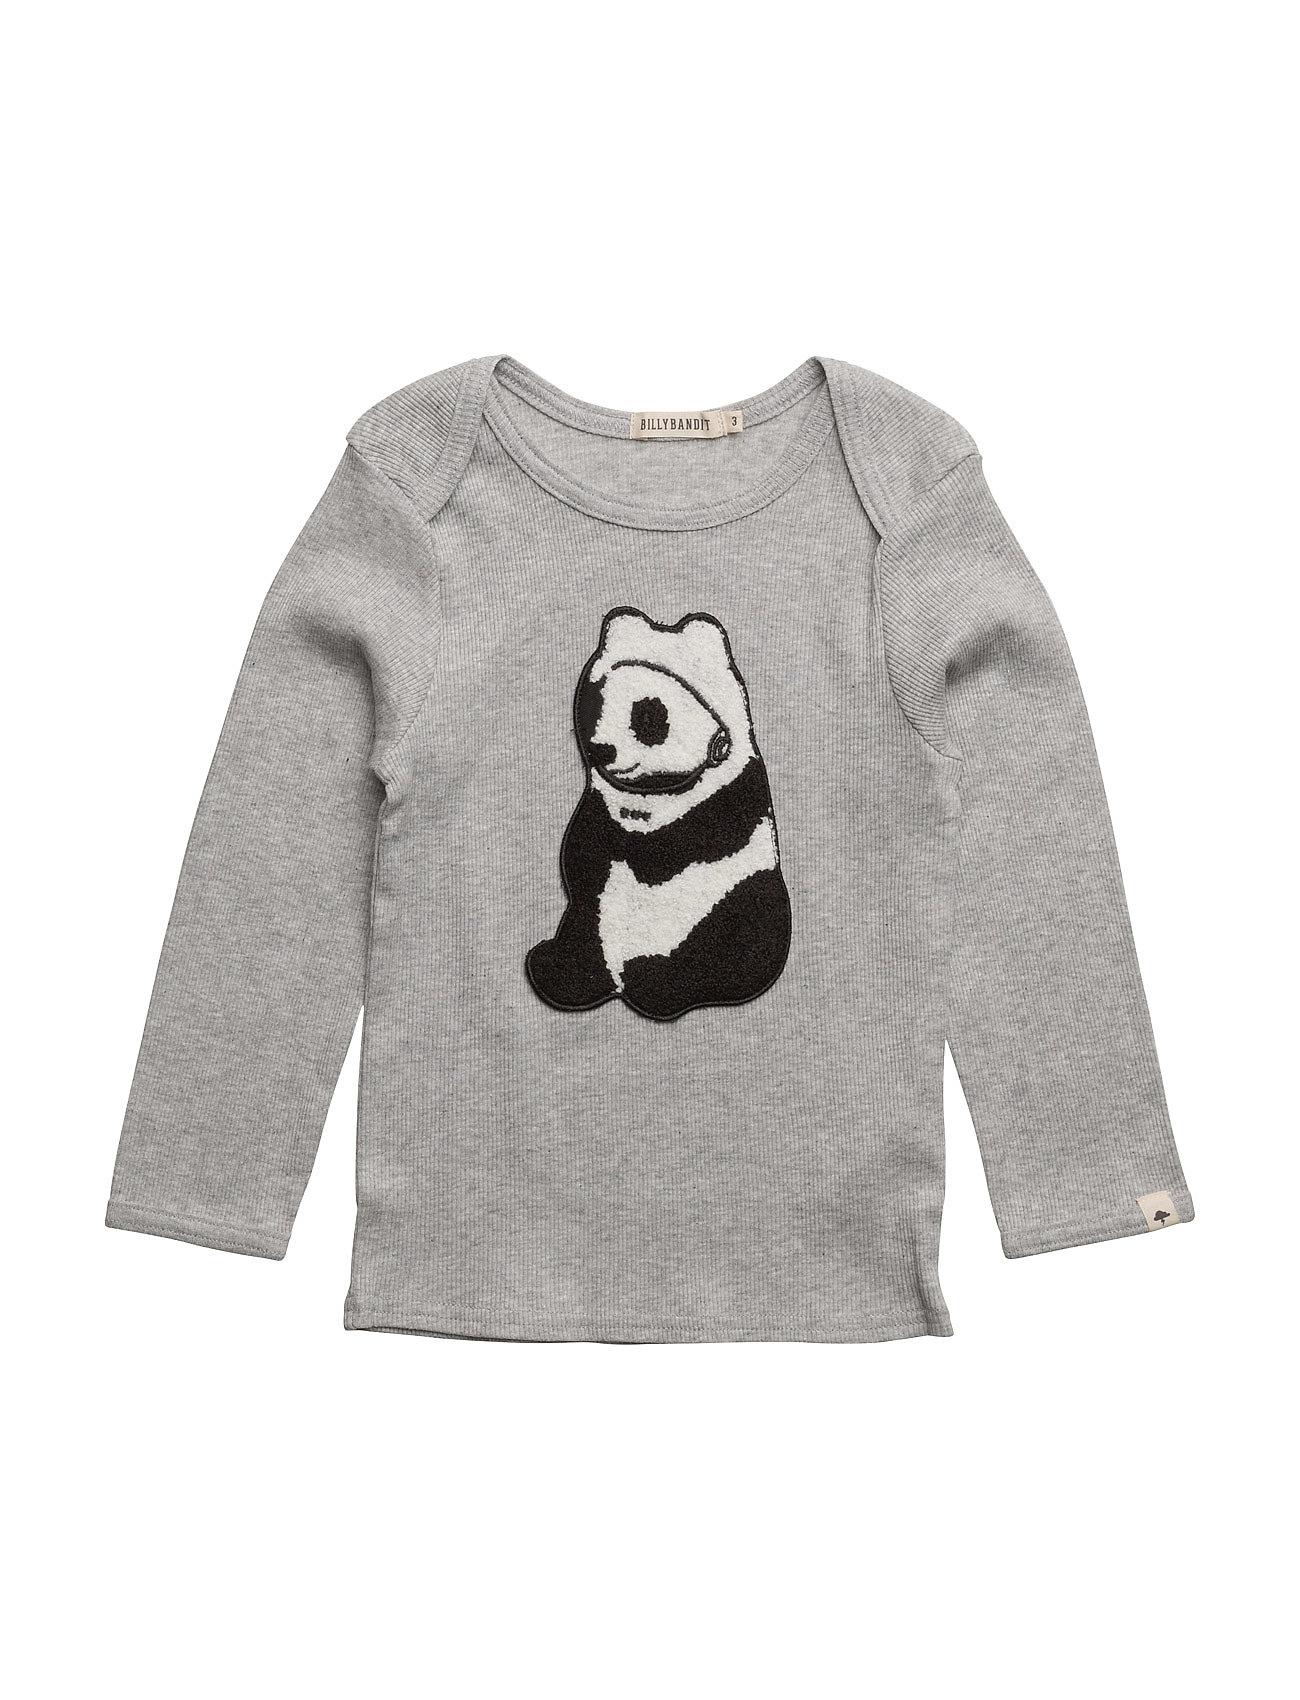 T-Shirt Billybandit Langærmede t-shirts til Børn i